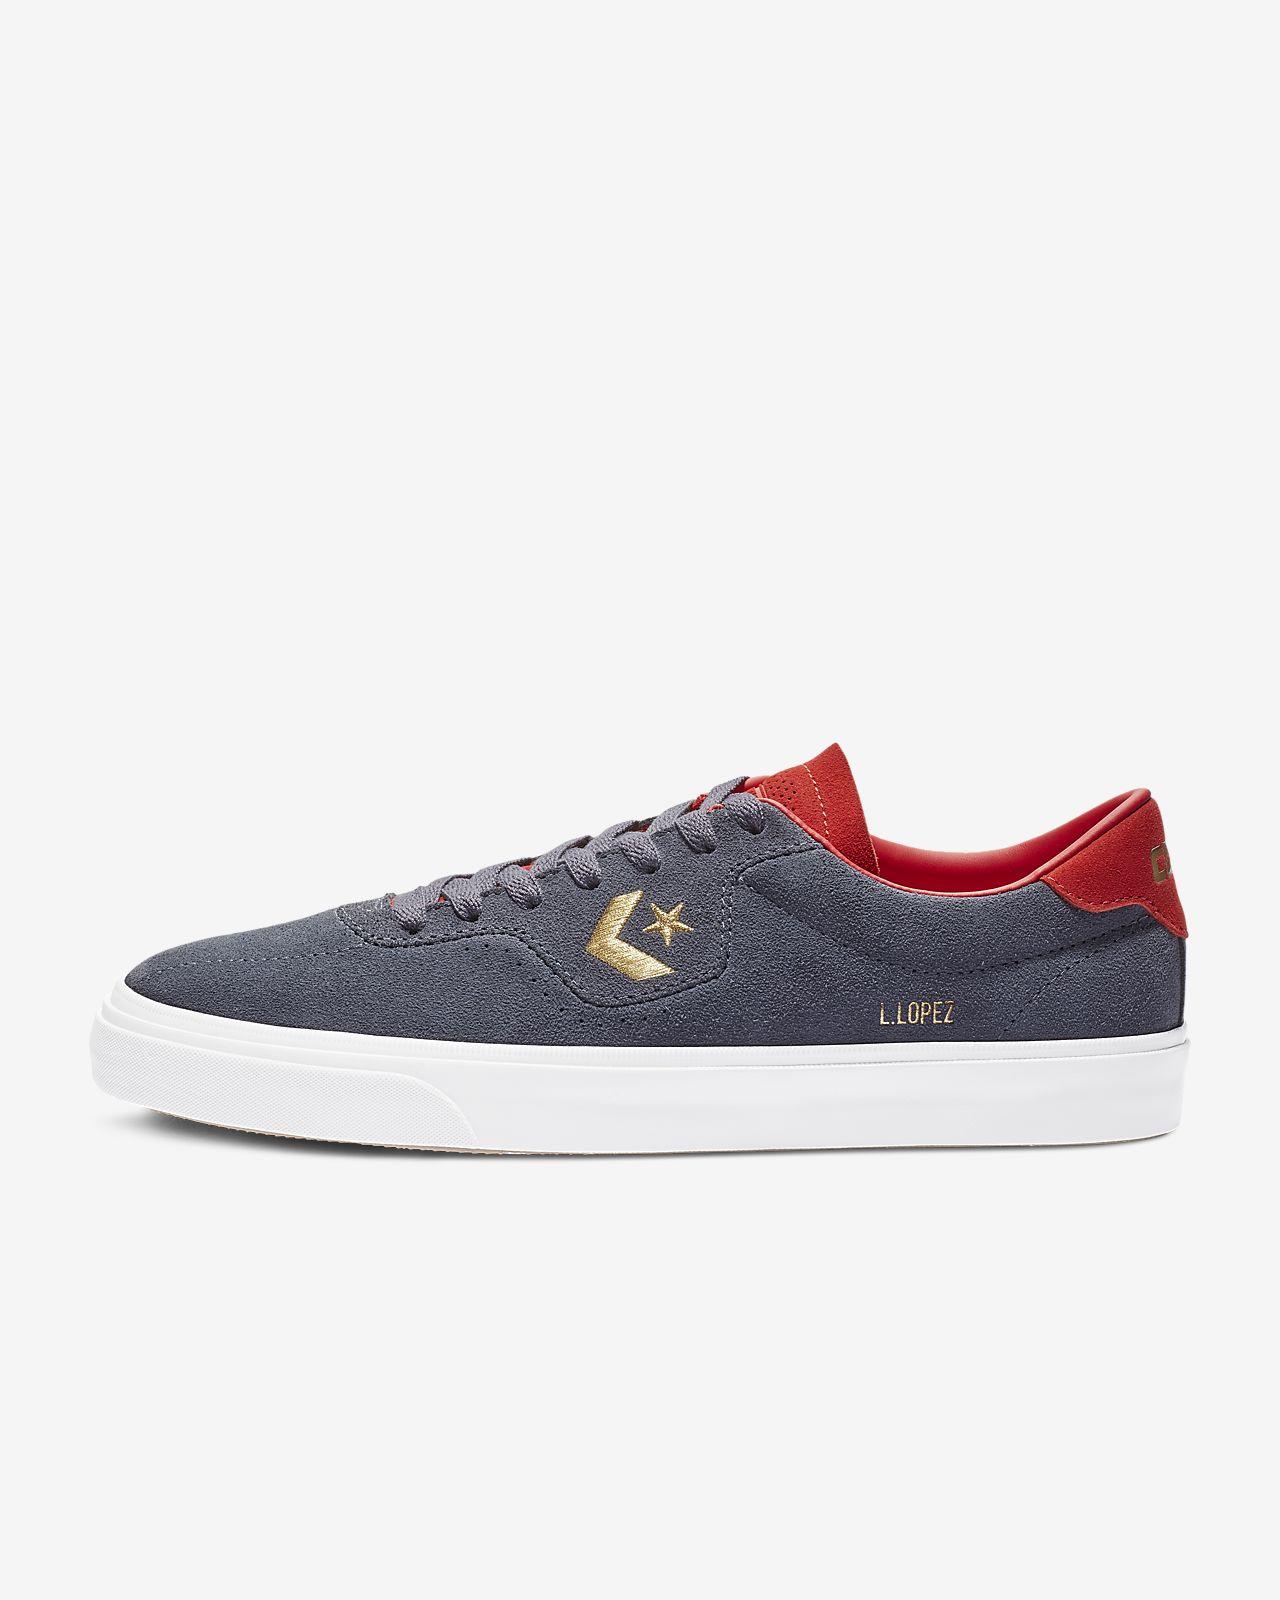 Louie Lopez Pro Low Top Mens Shoe